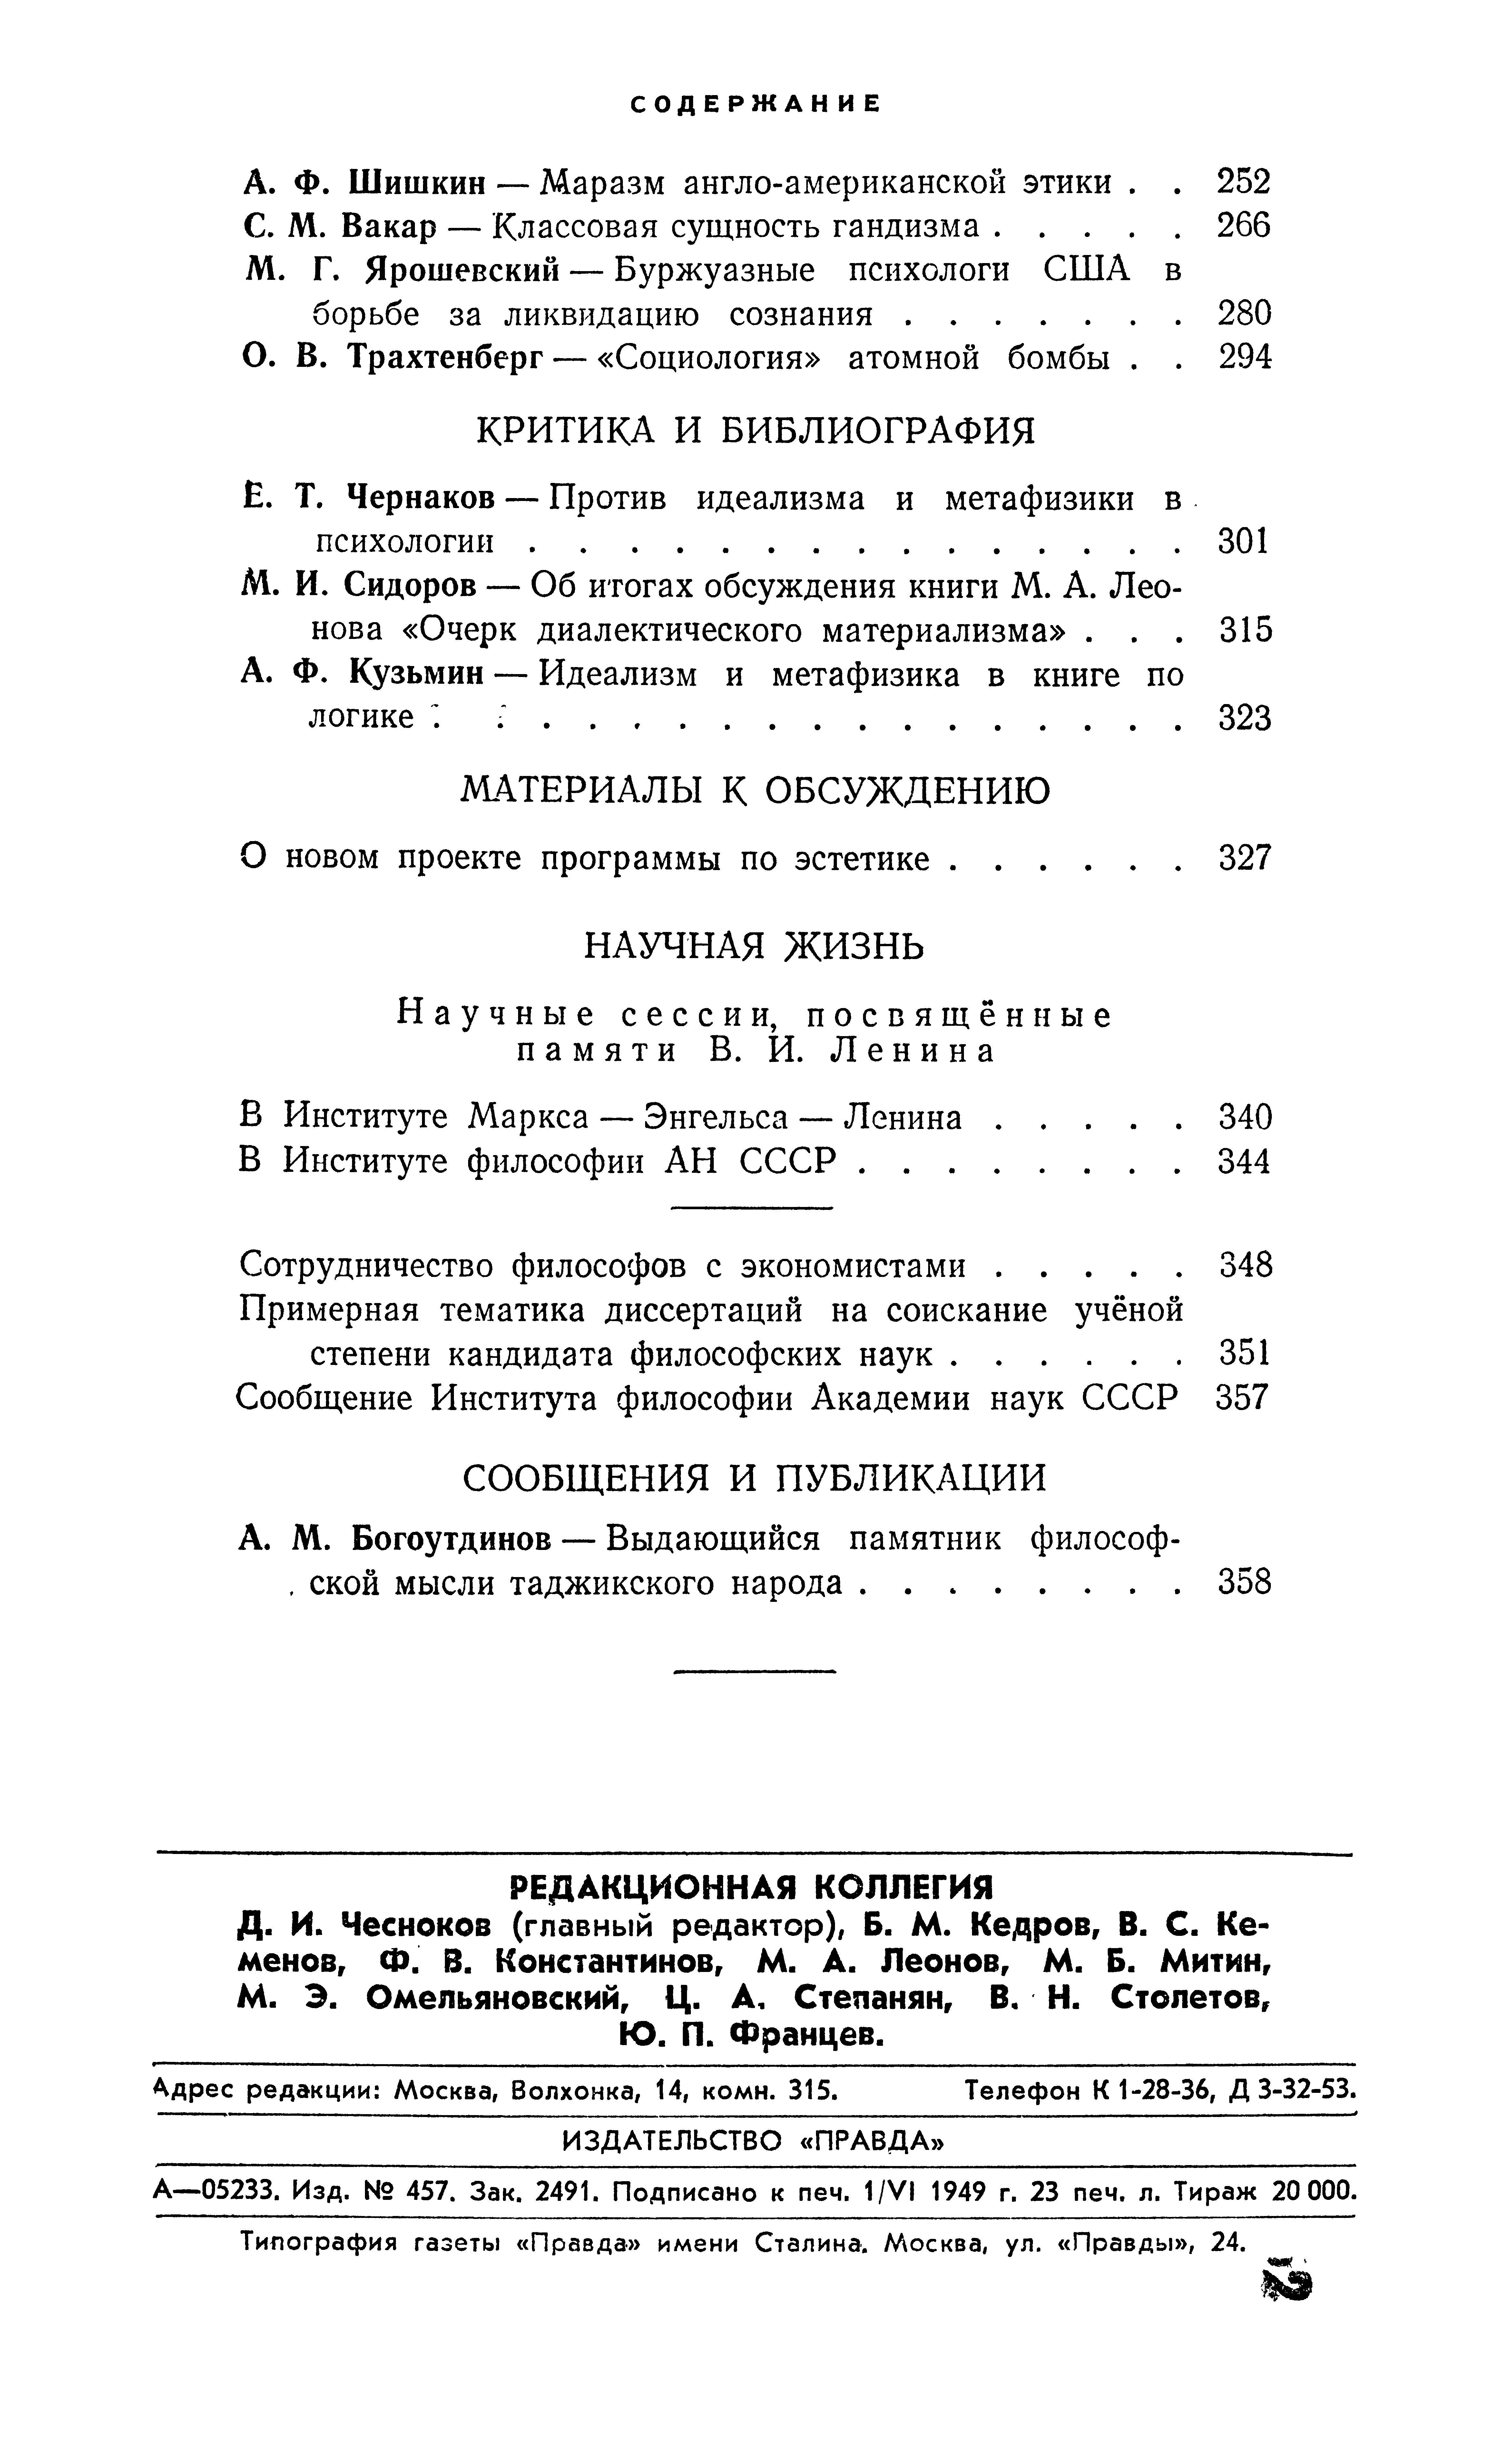 ВФ №3 - 1948_370